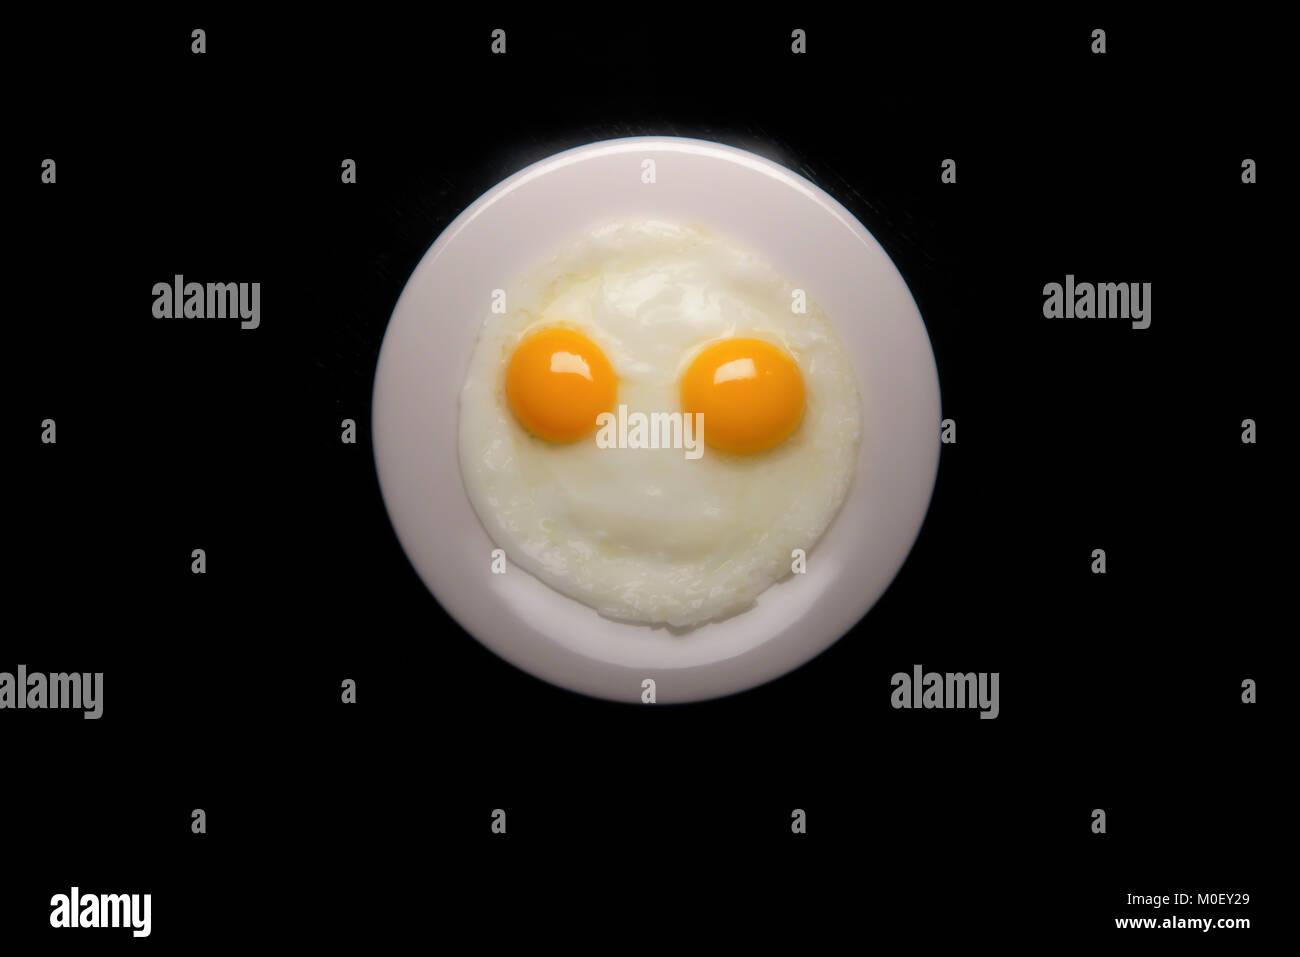 Smiley Face Emoji Stock Photos & Smiley Face Emoji Stock ...